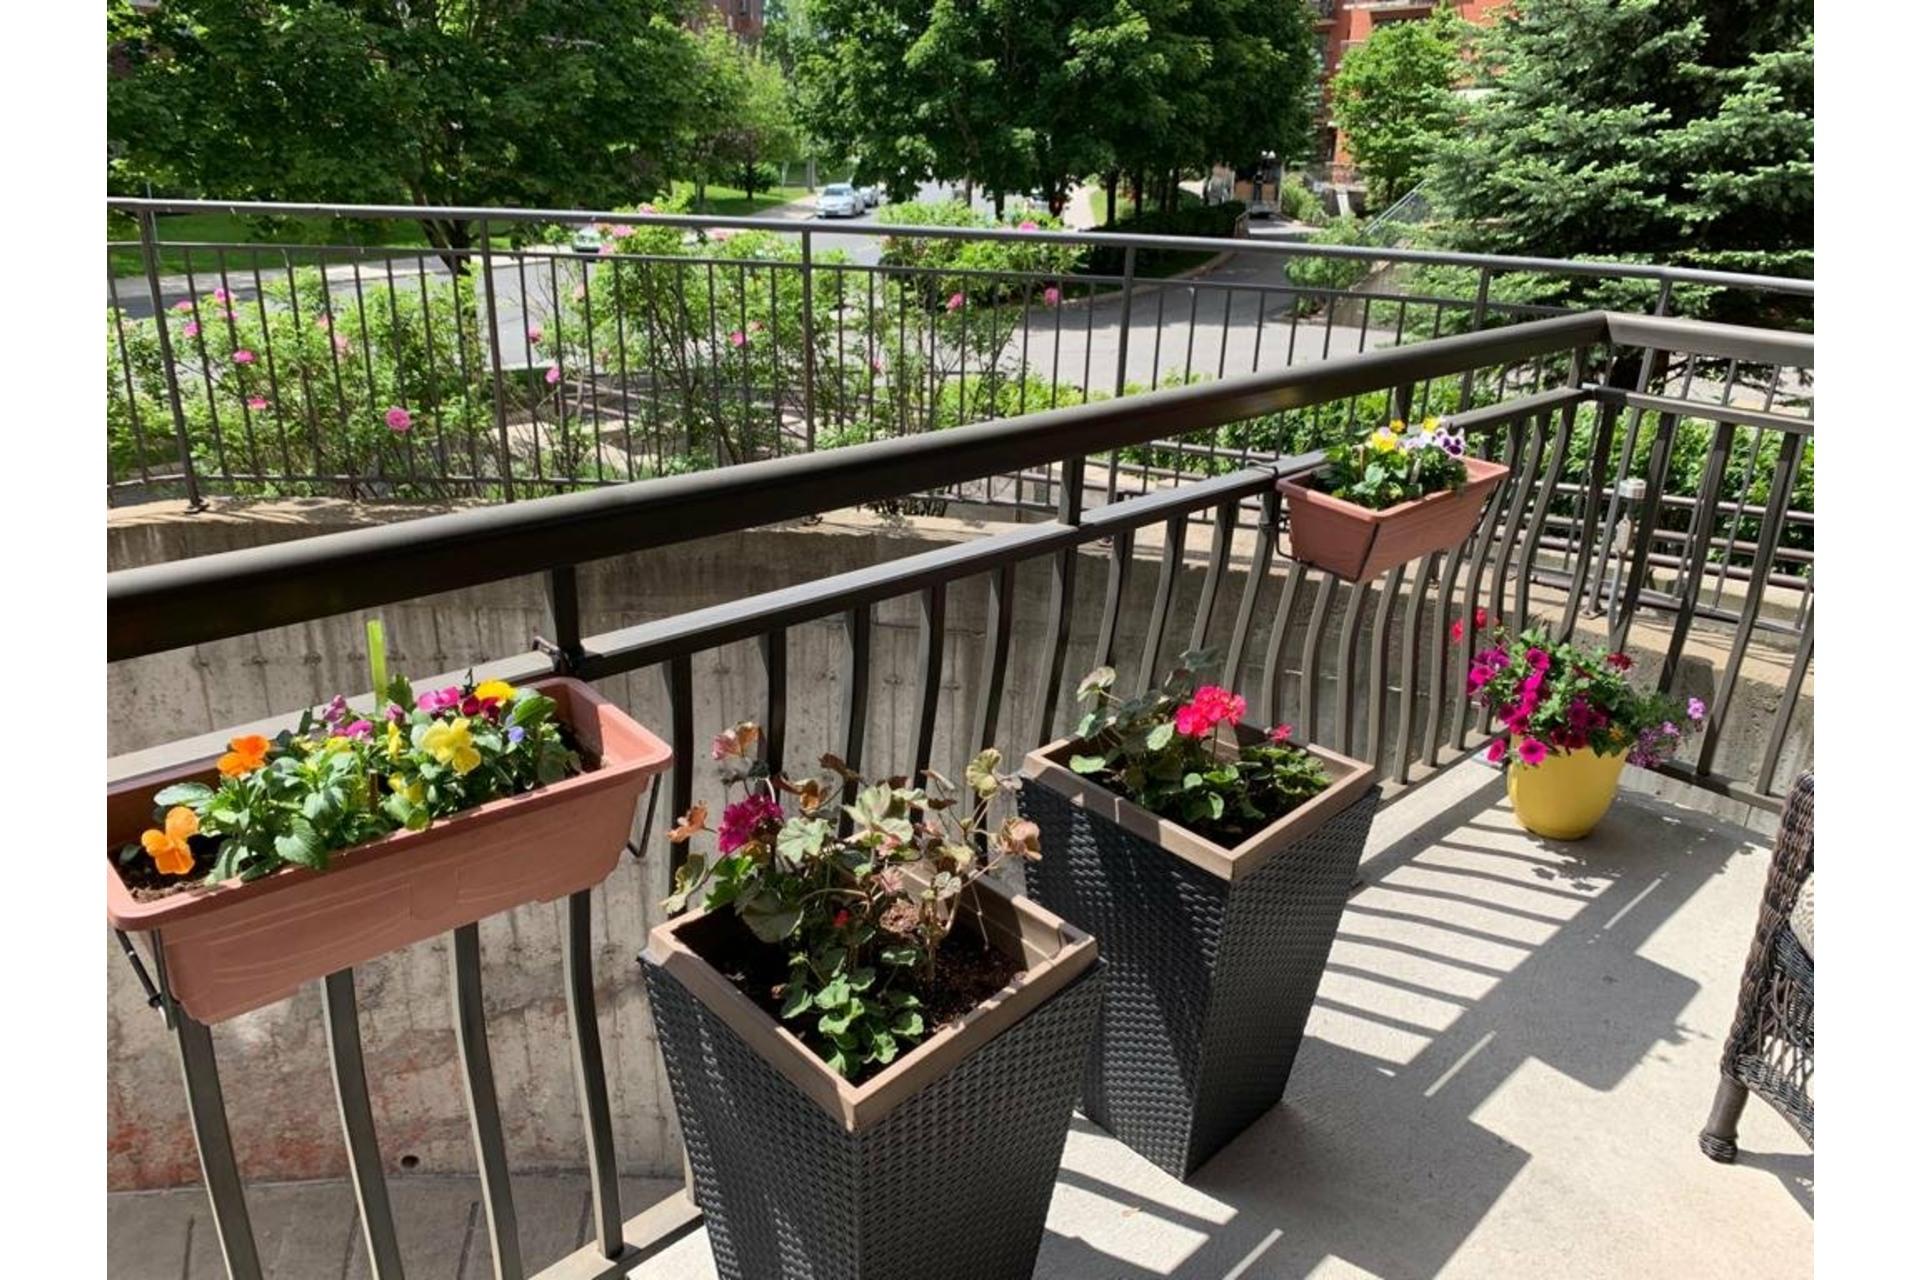 image 18 - Apartment For sale Saint-Laurent Montréal  - 5 rooms